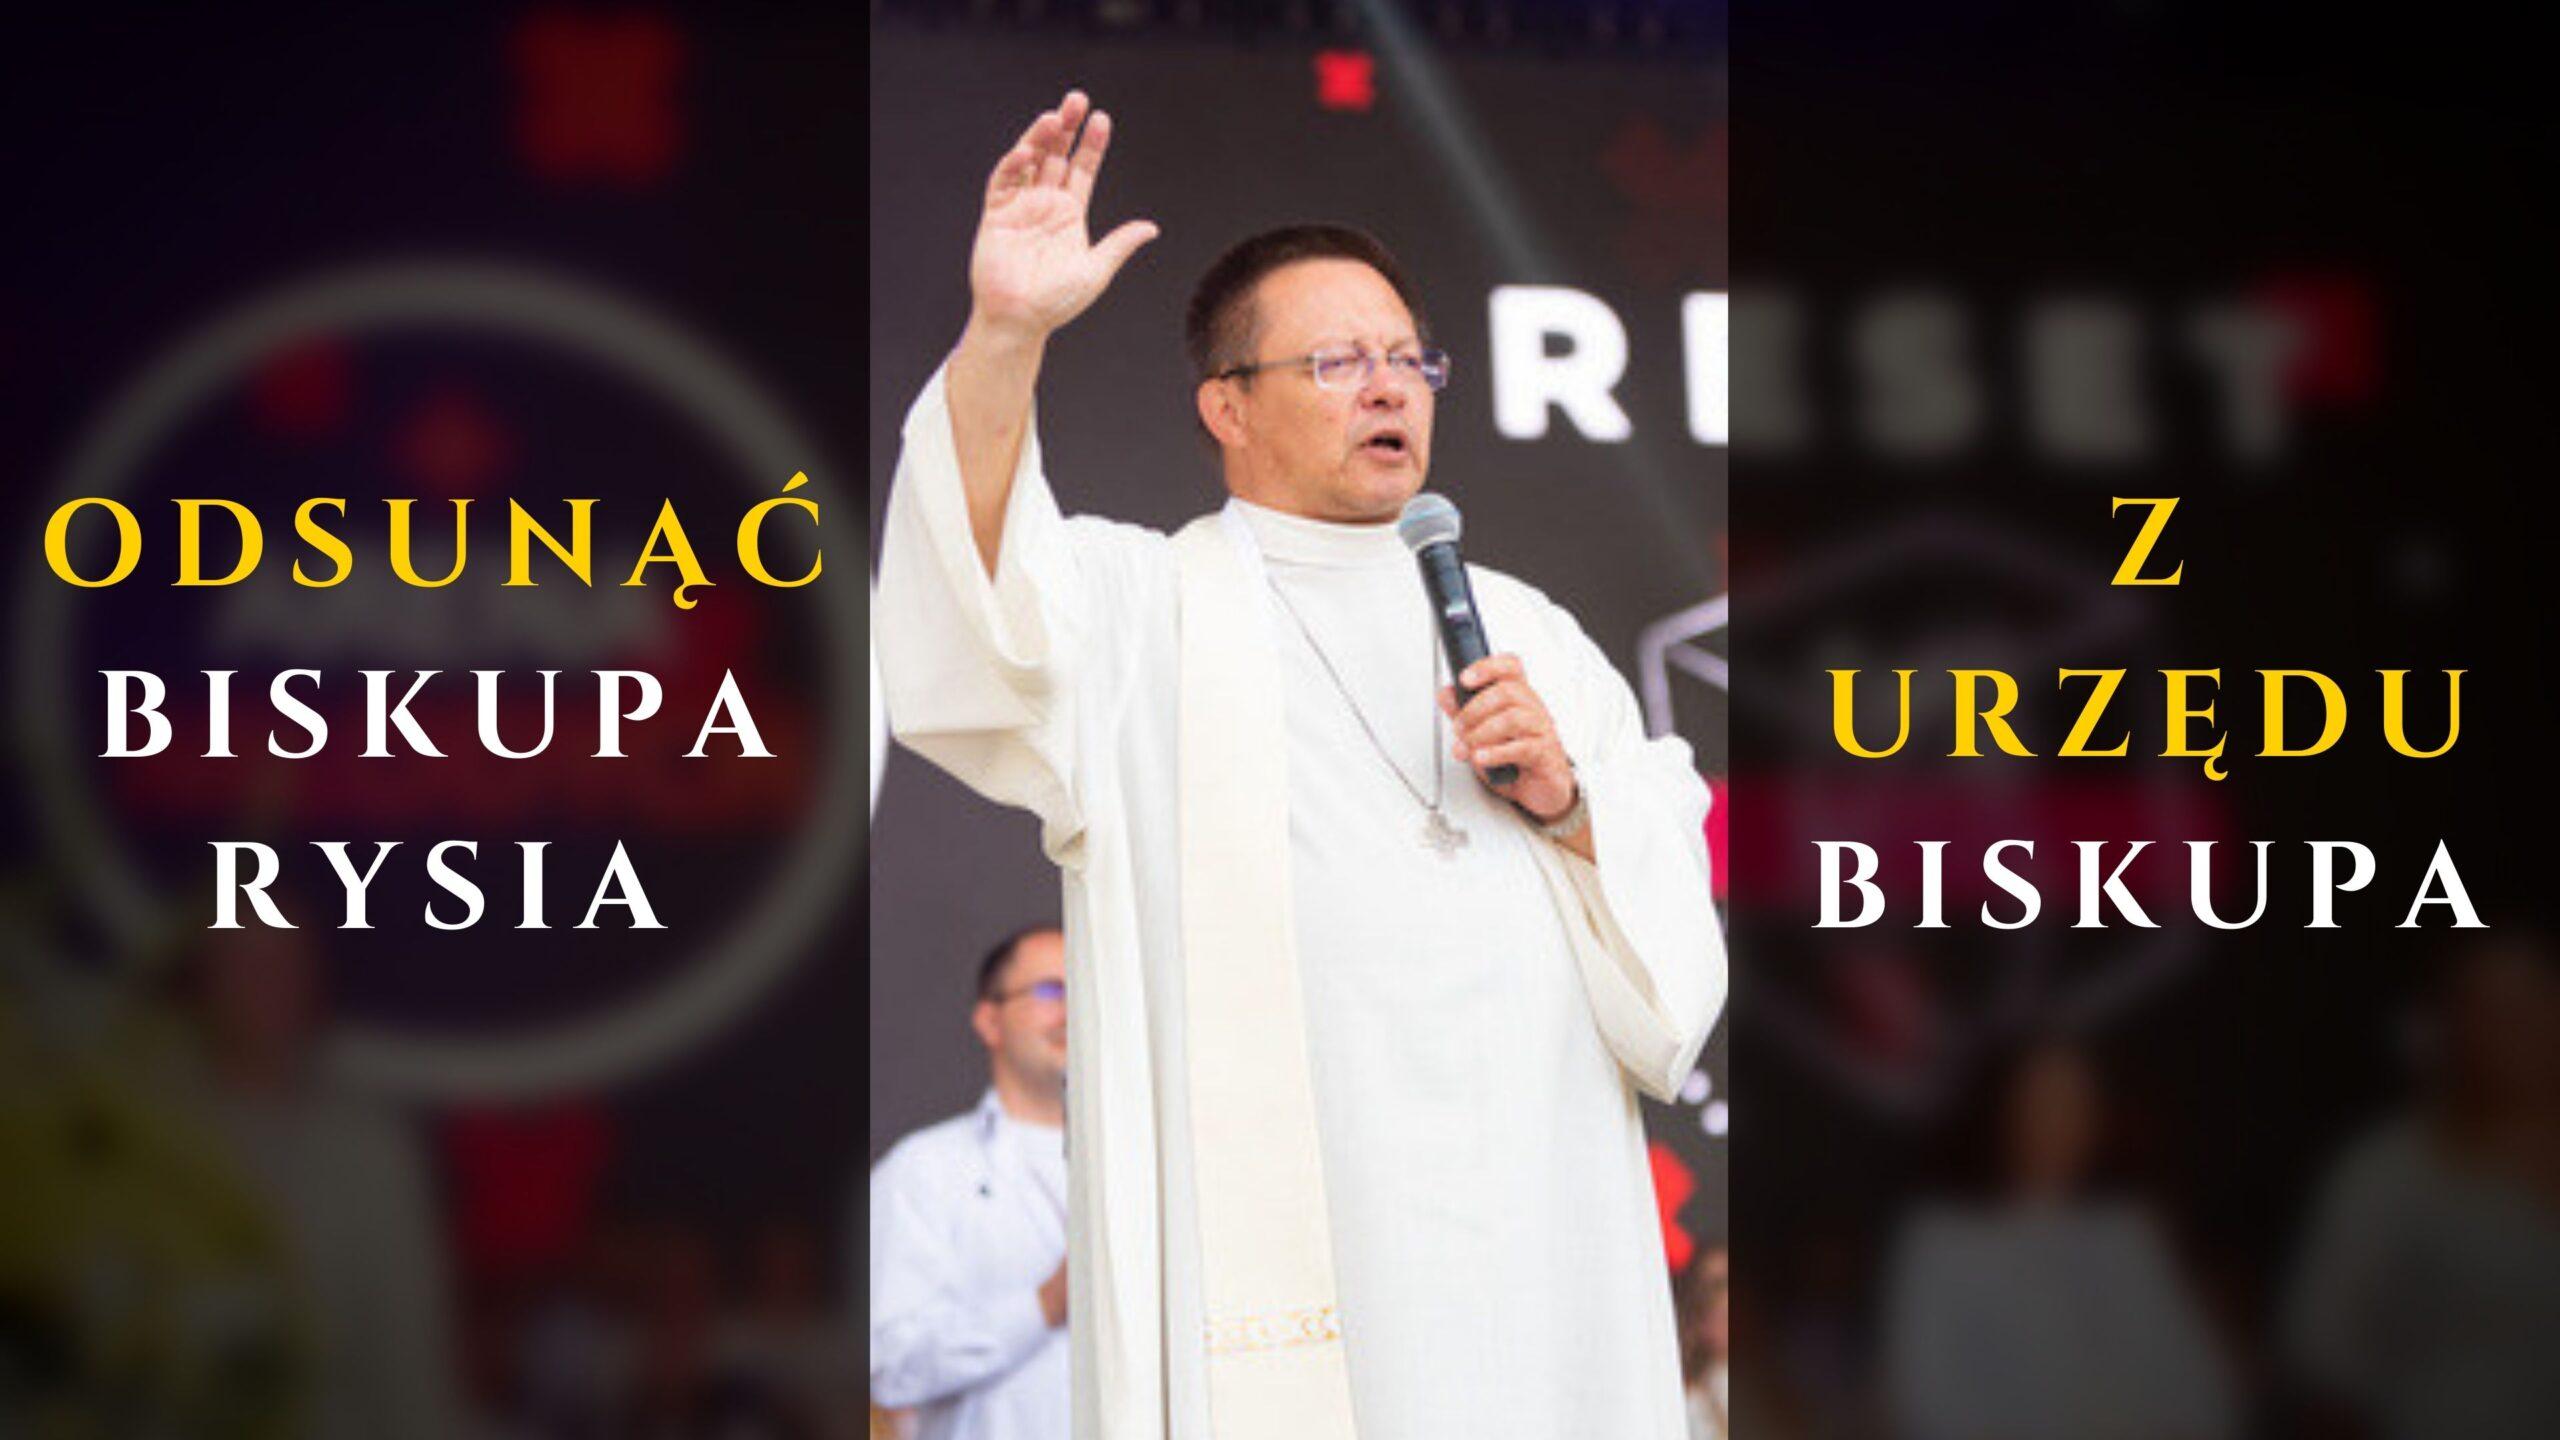 Prośba o odsunięcie Biskup Rysia z Urzędu